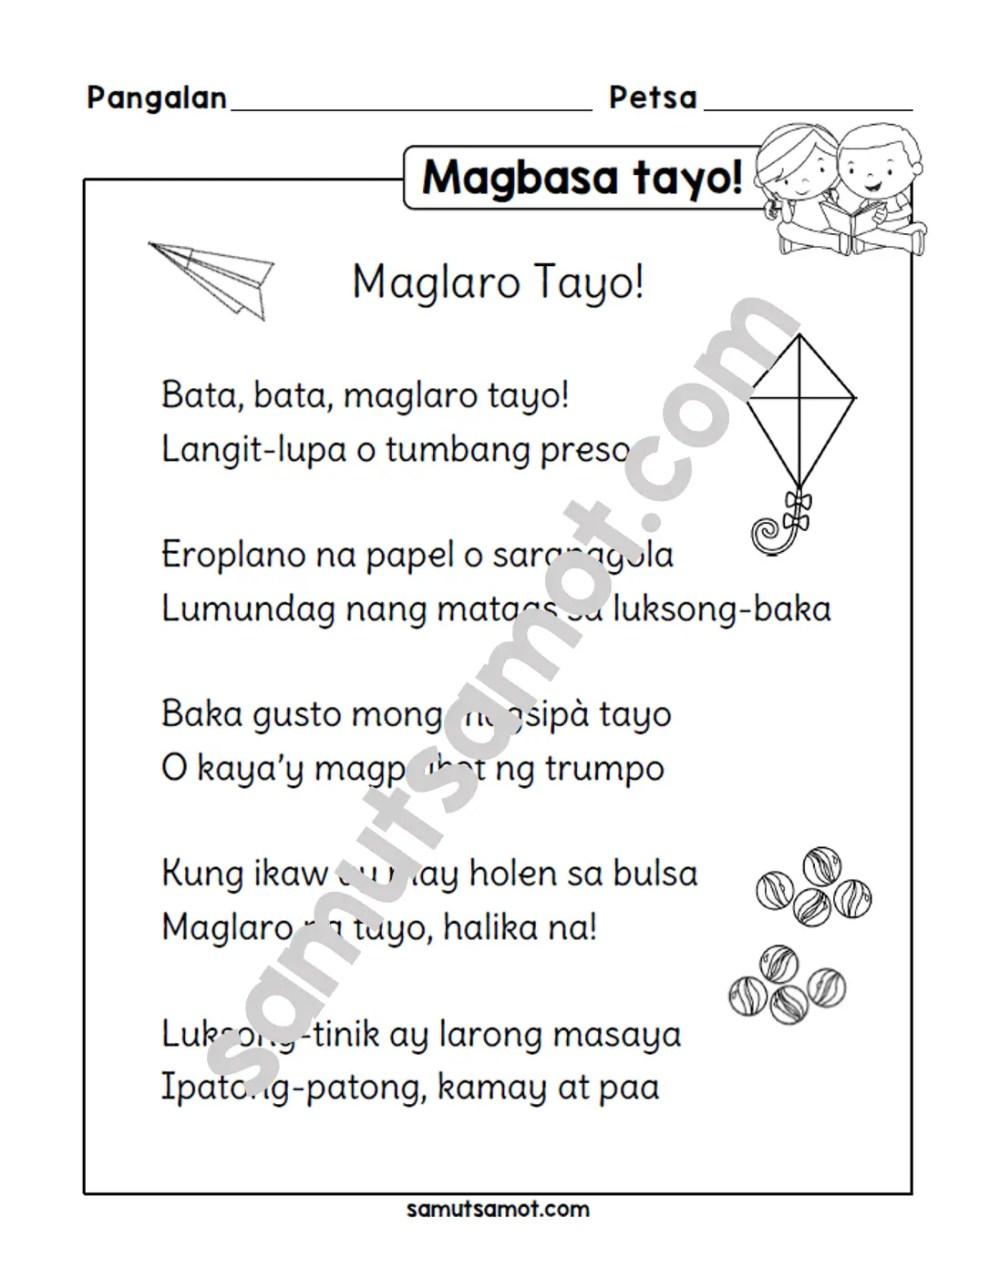 medium resolution of Tula: Maglaro Tayo! - Samut-samot